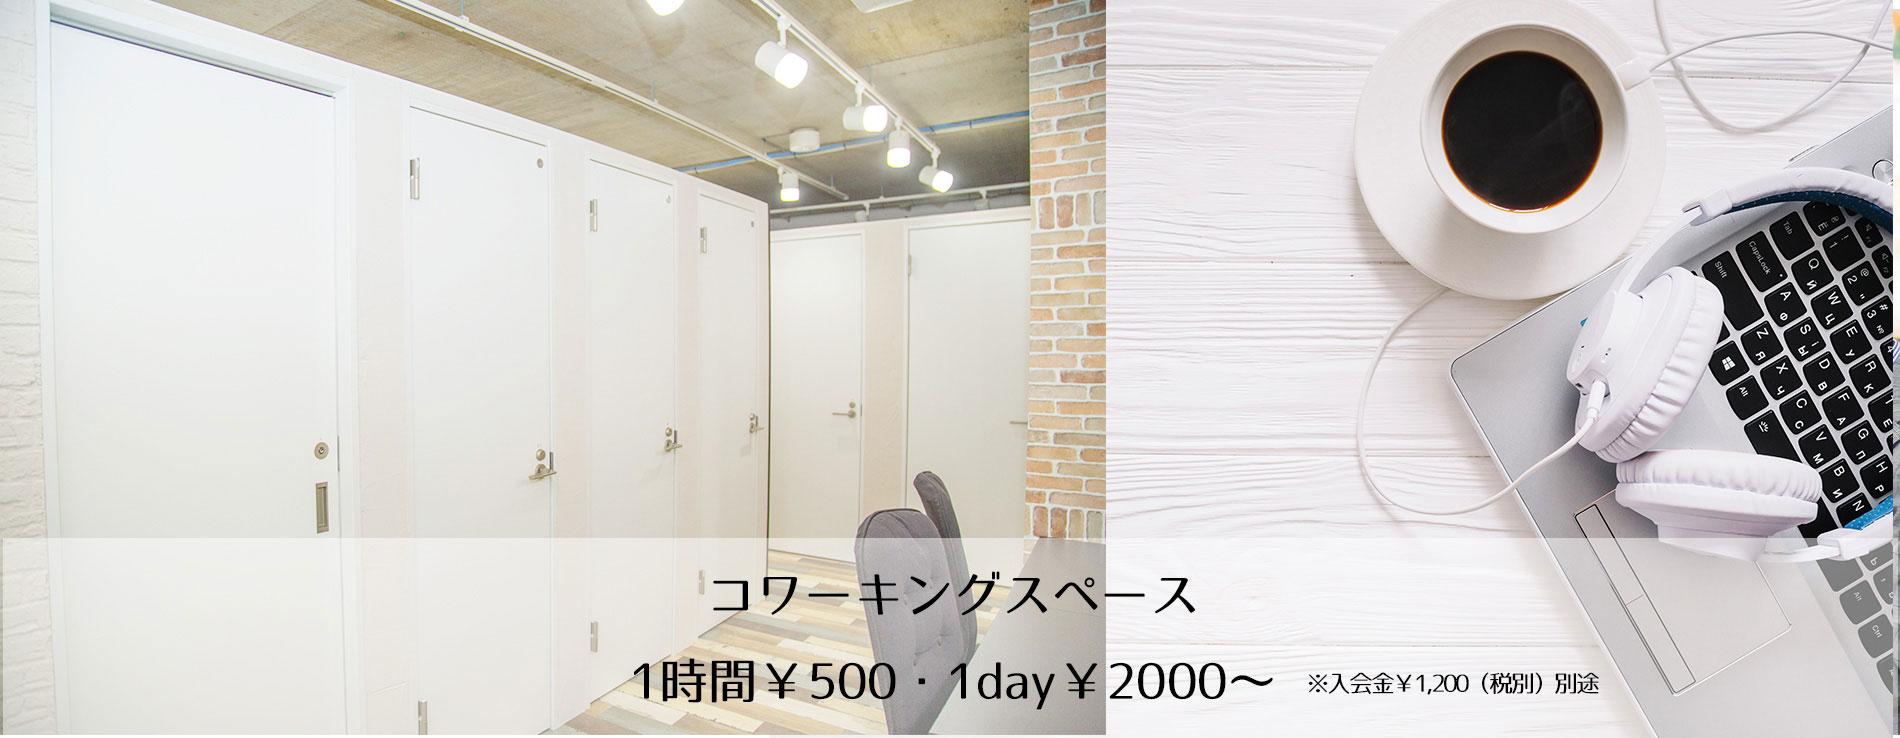 コワーキングスペース 1時間¥500・1day¥2000~